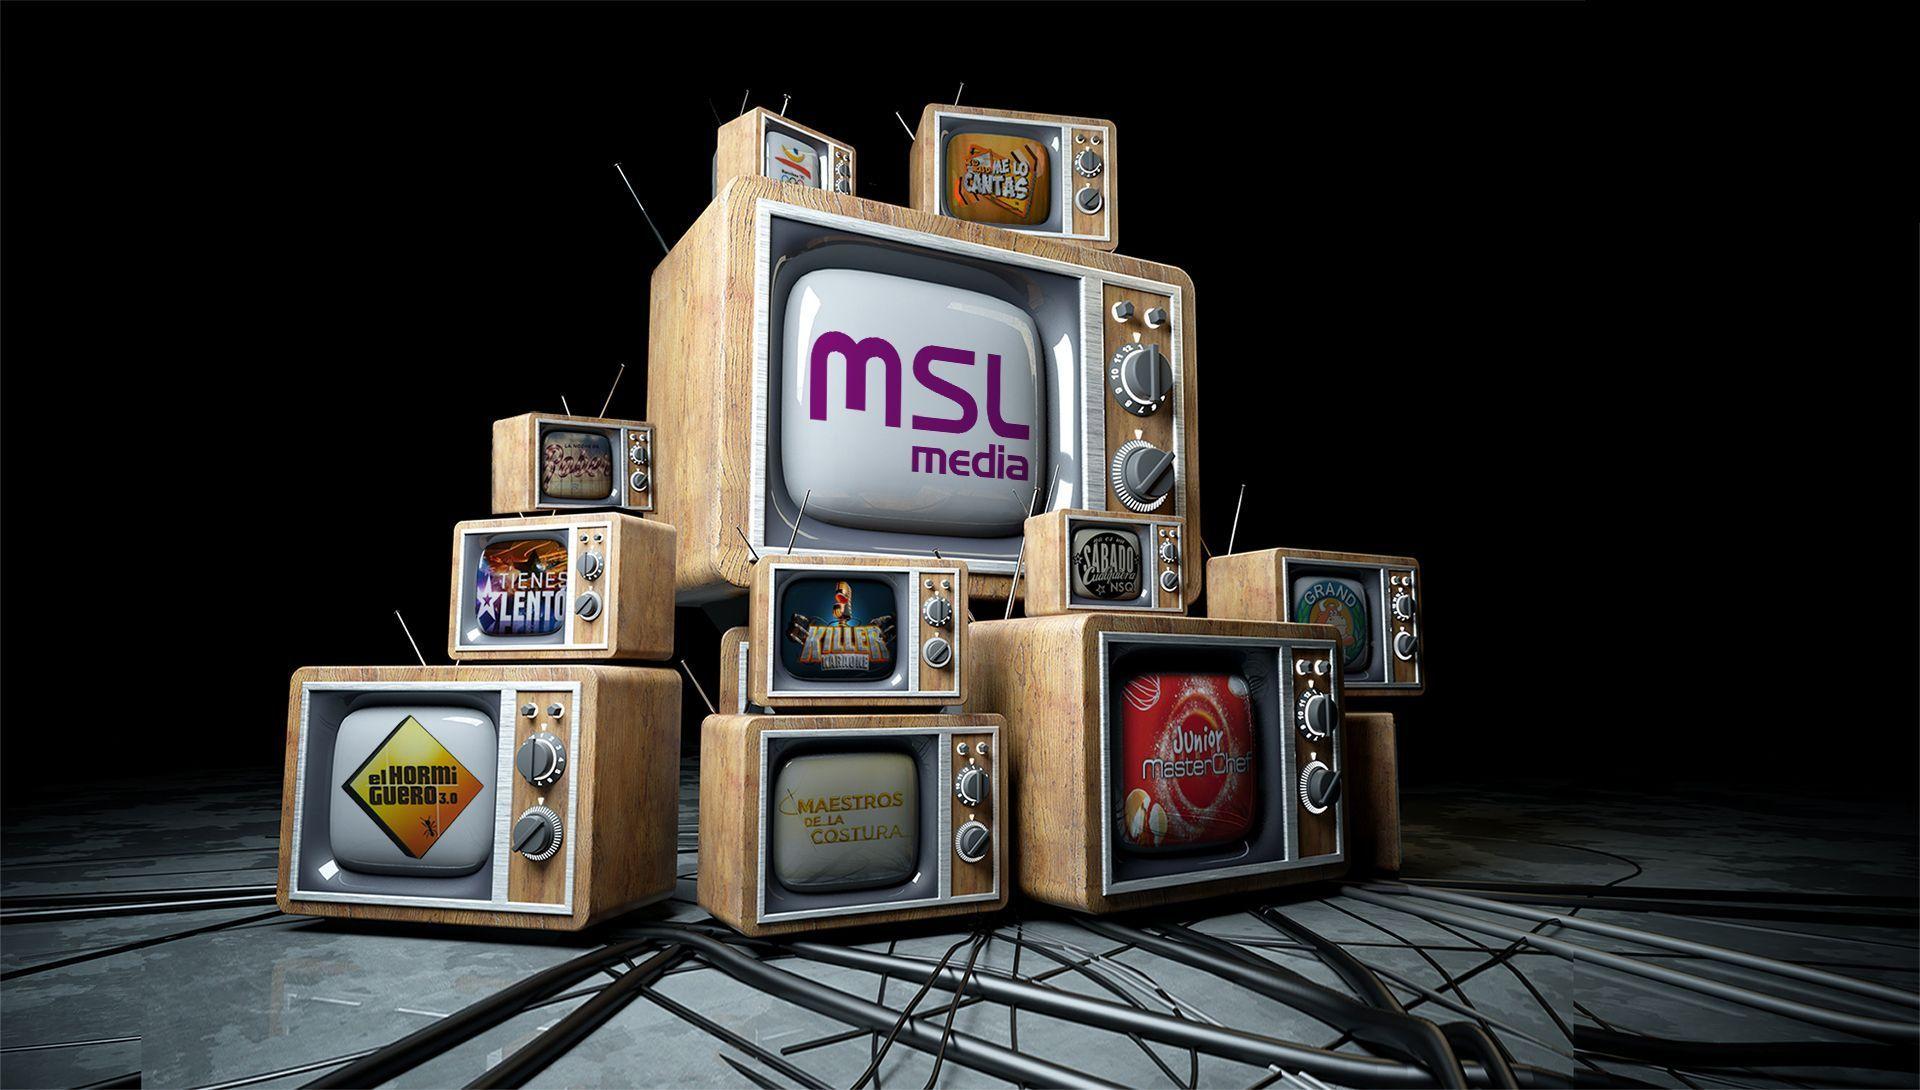 MSL media Programas TV